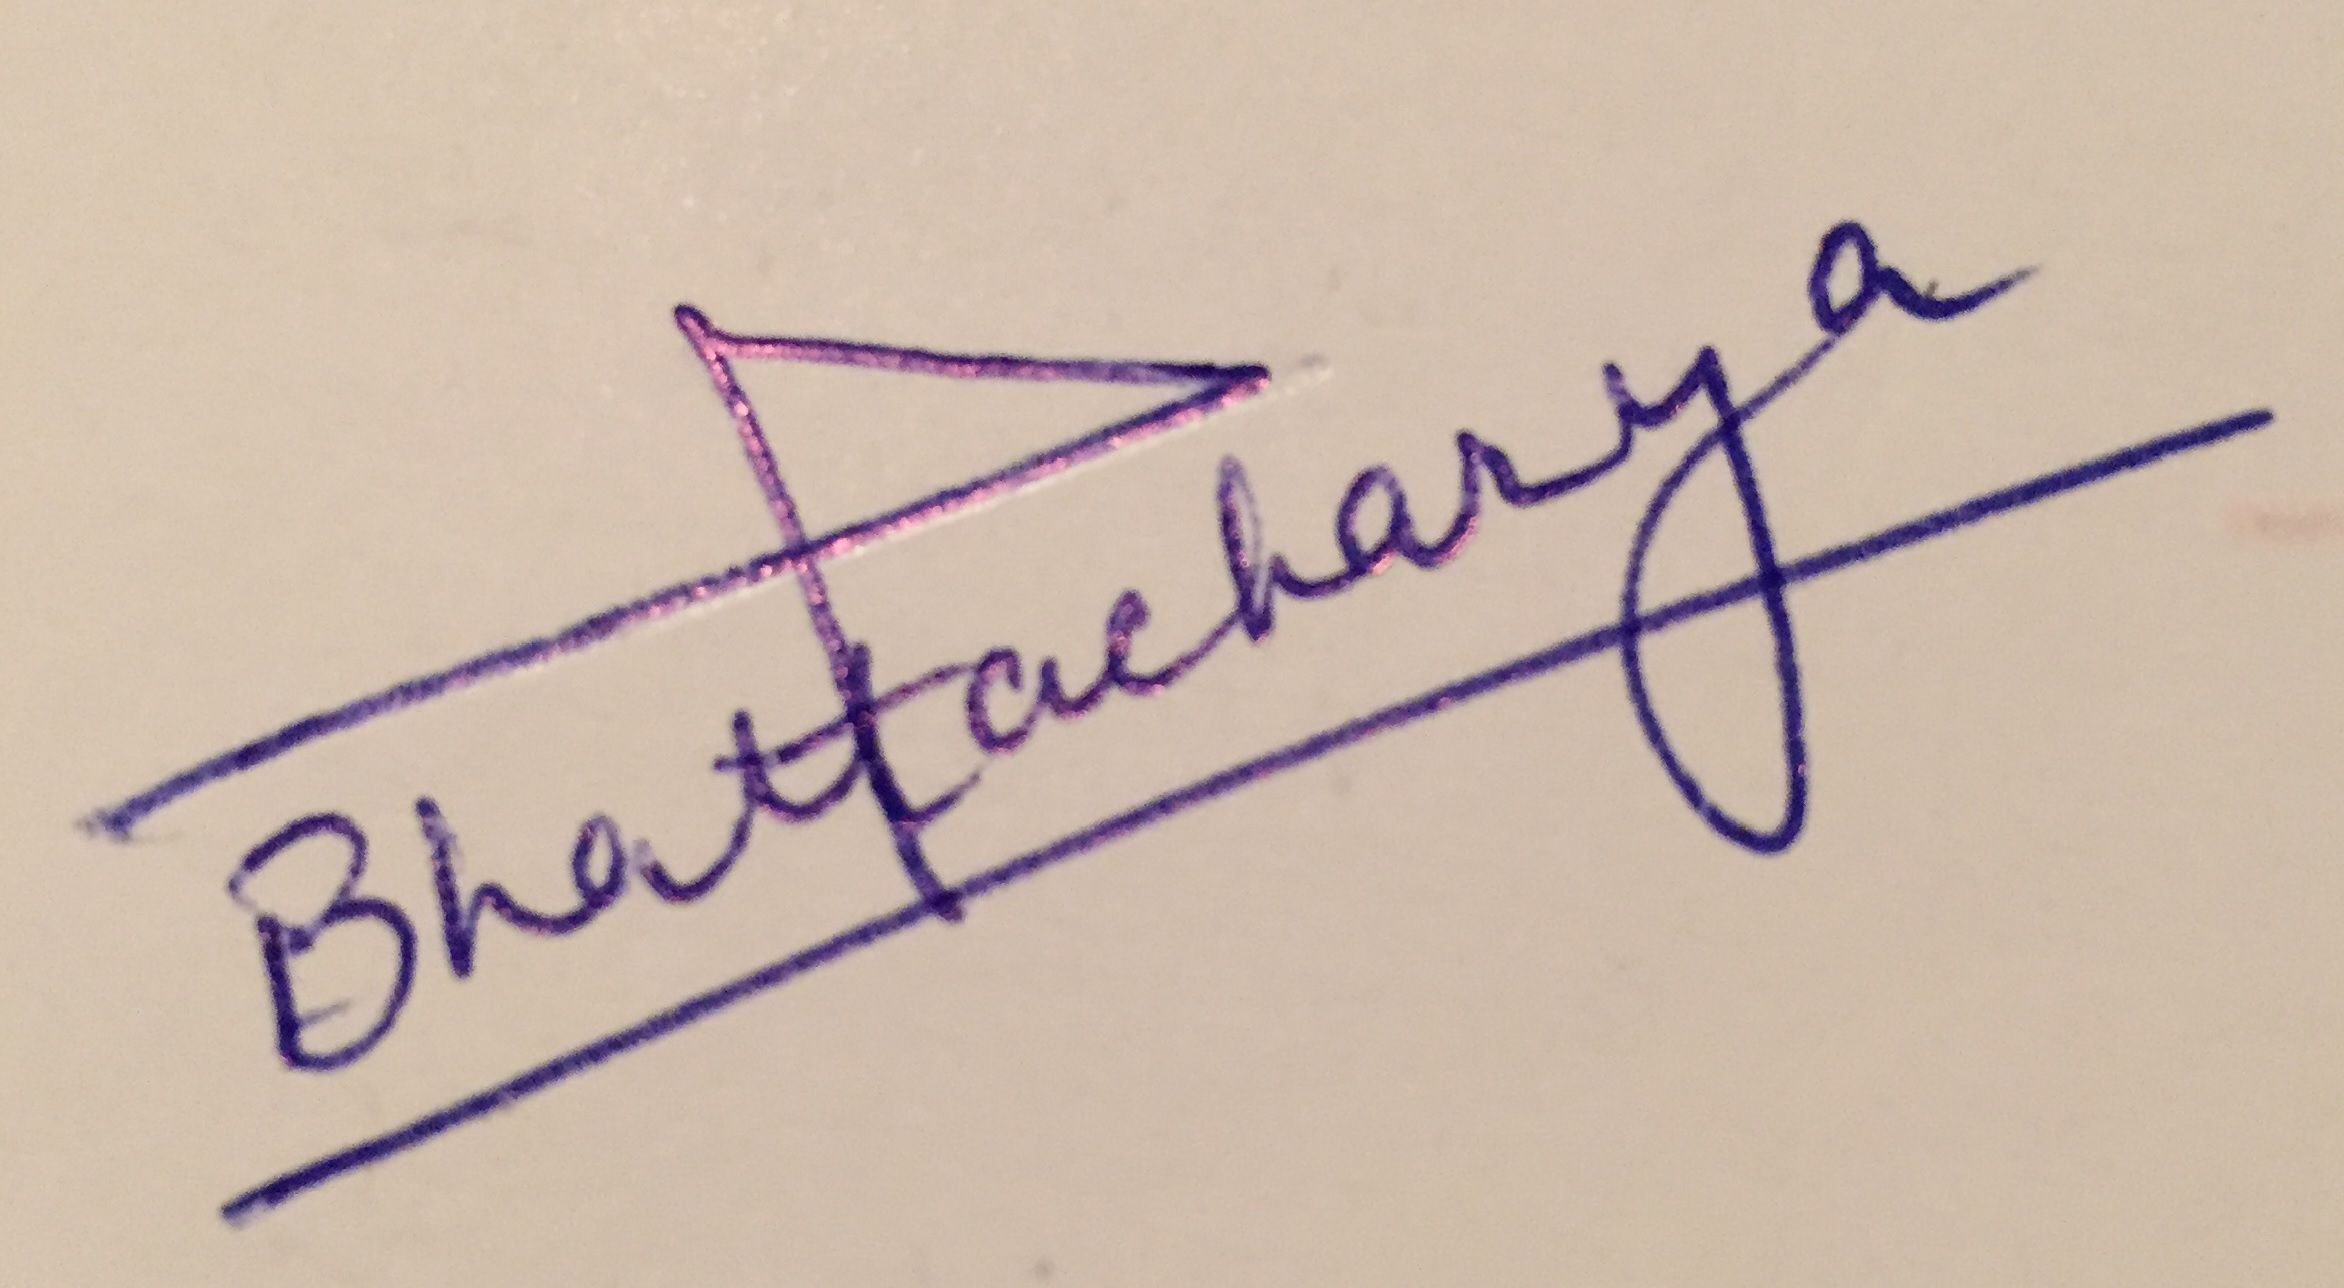 Shampa Bhattacharya's Signature